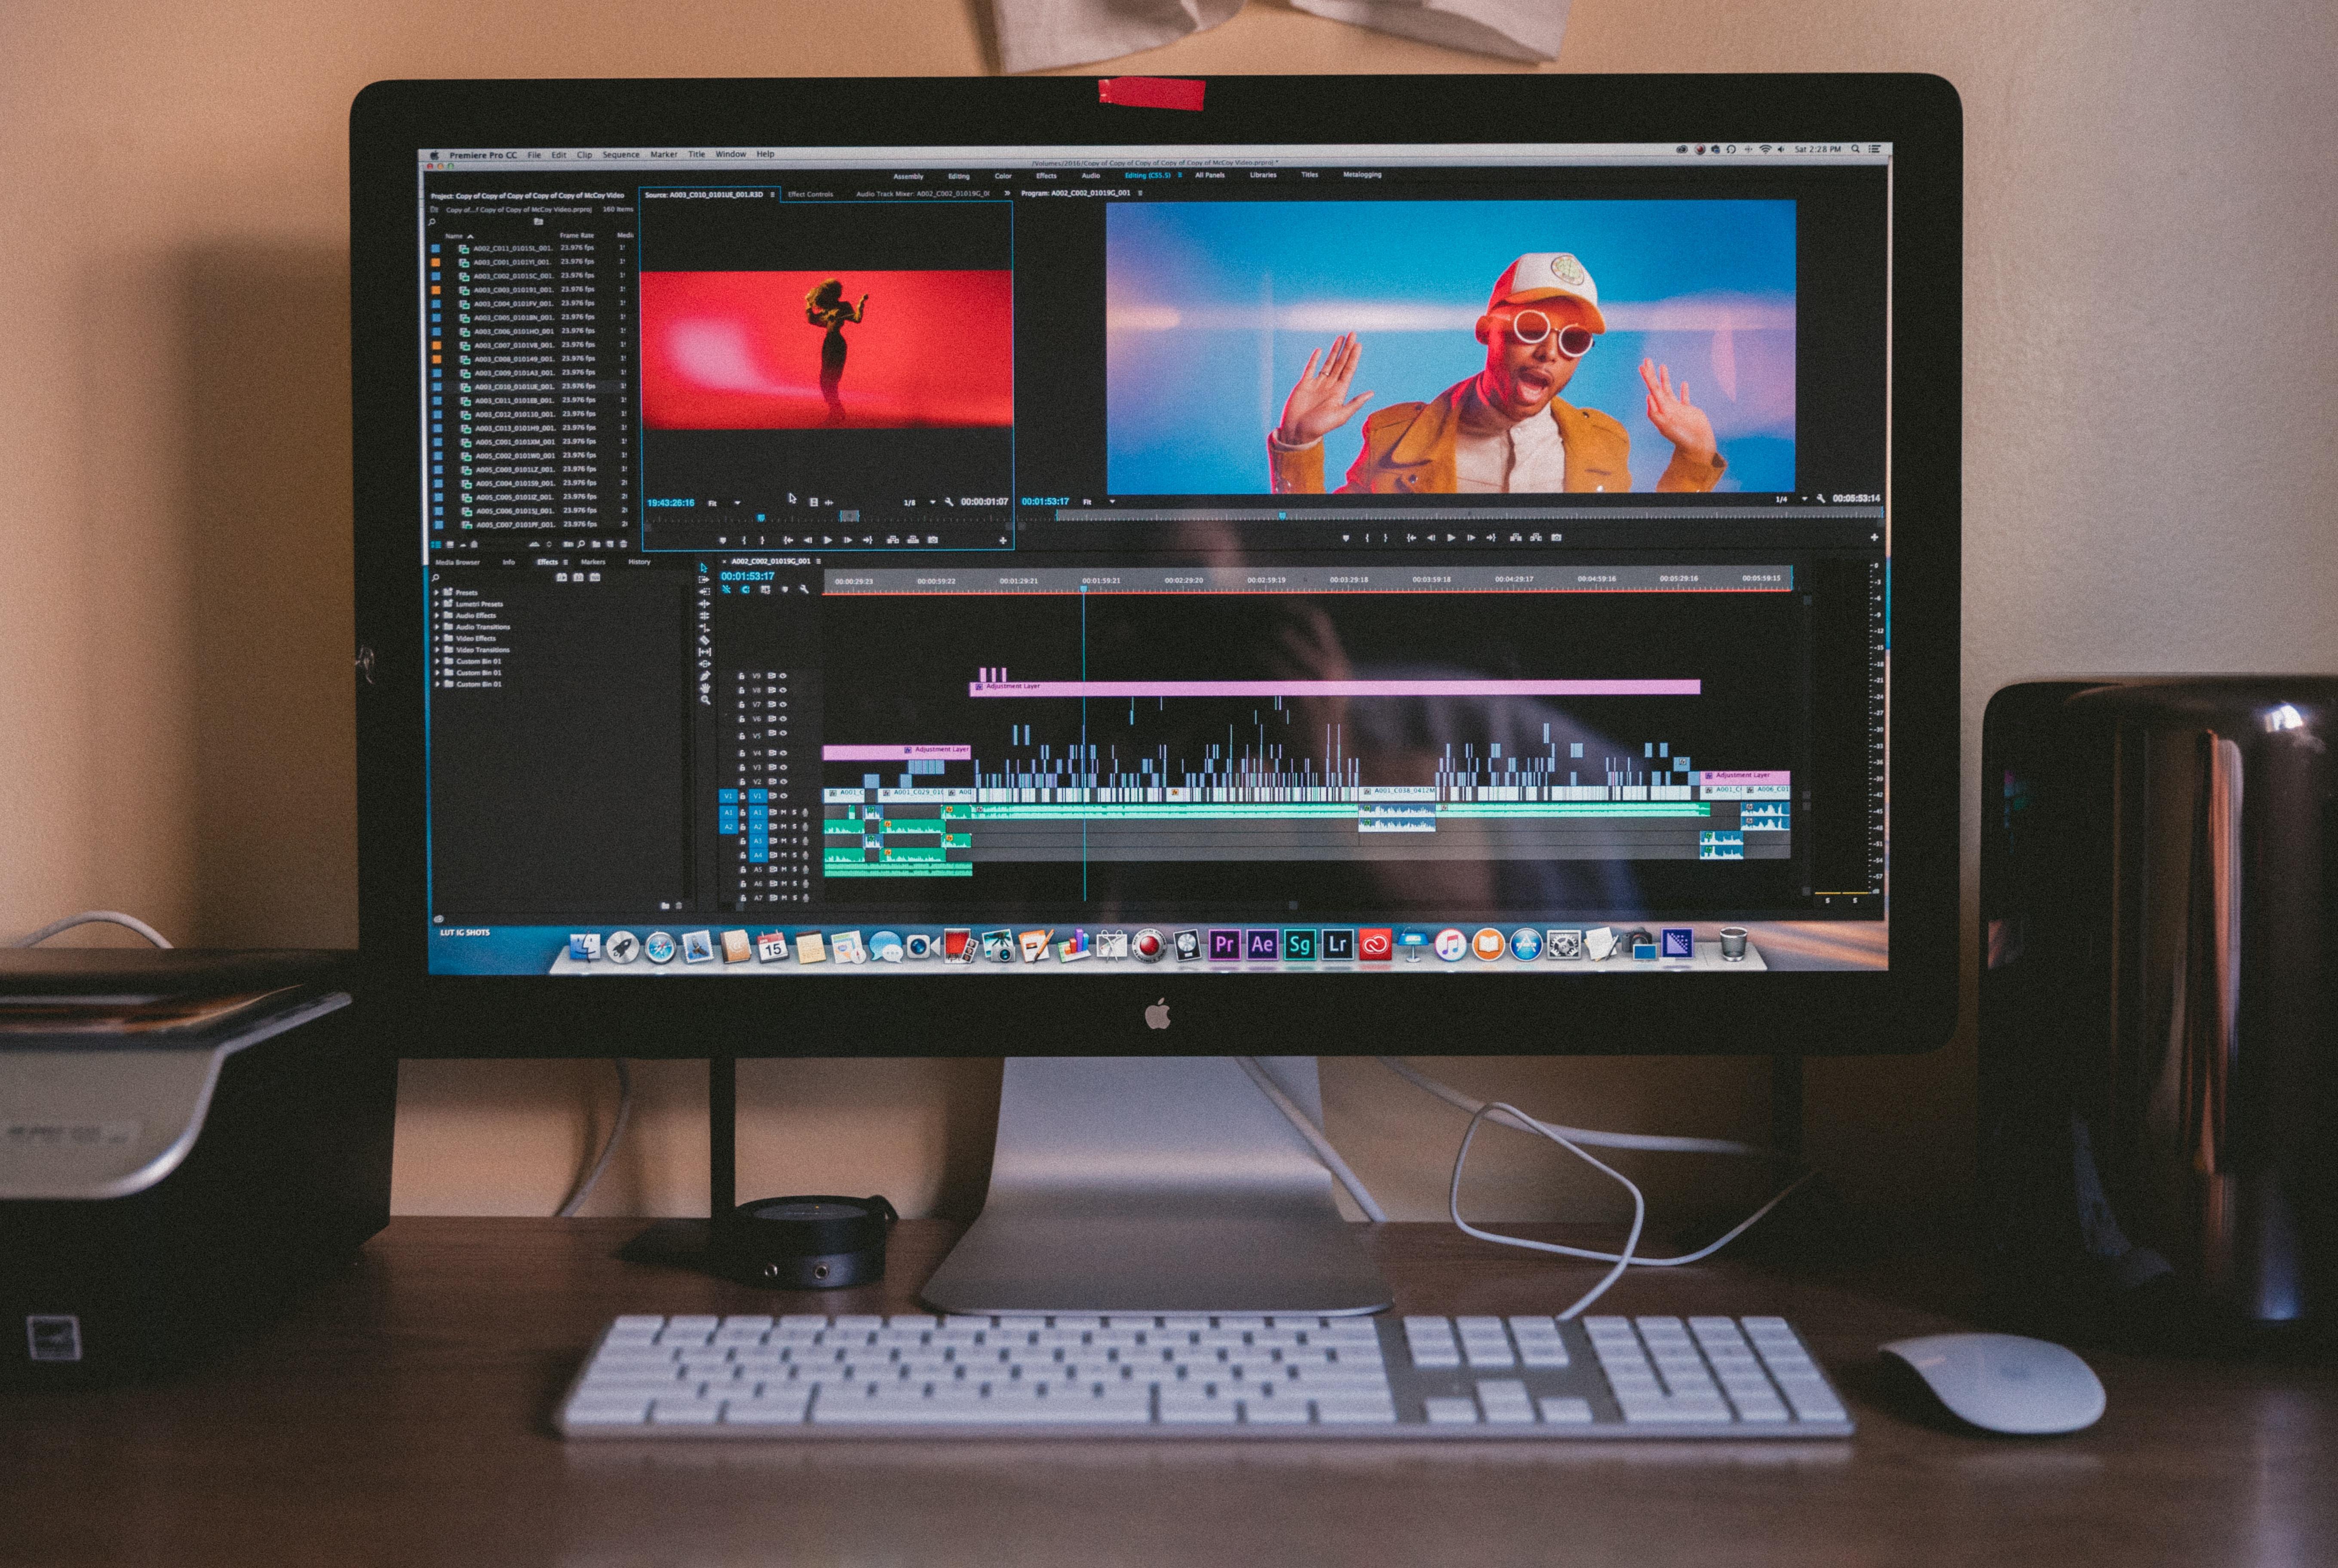 Como escolher um software de edição video